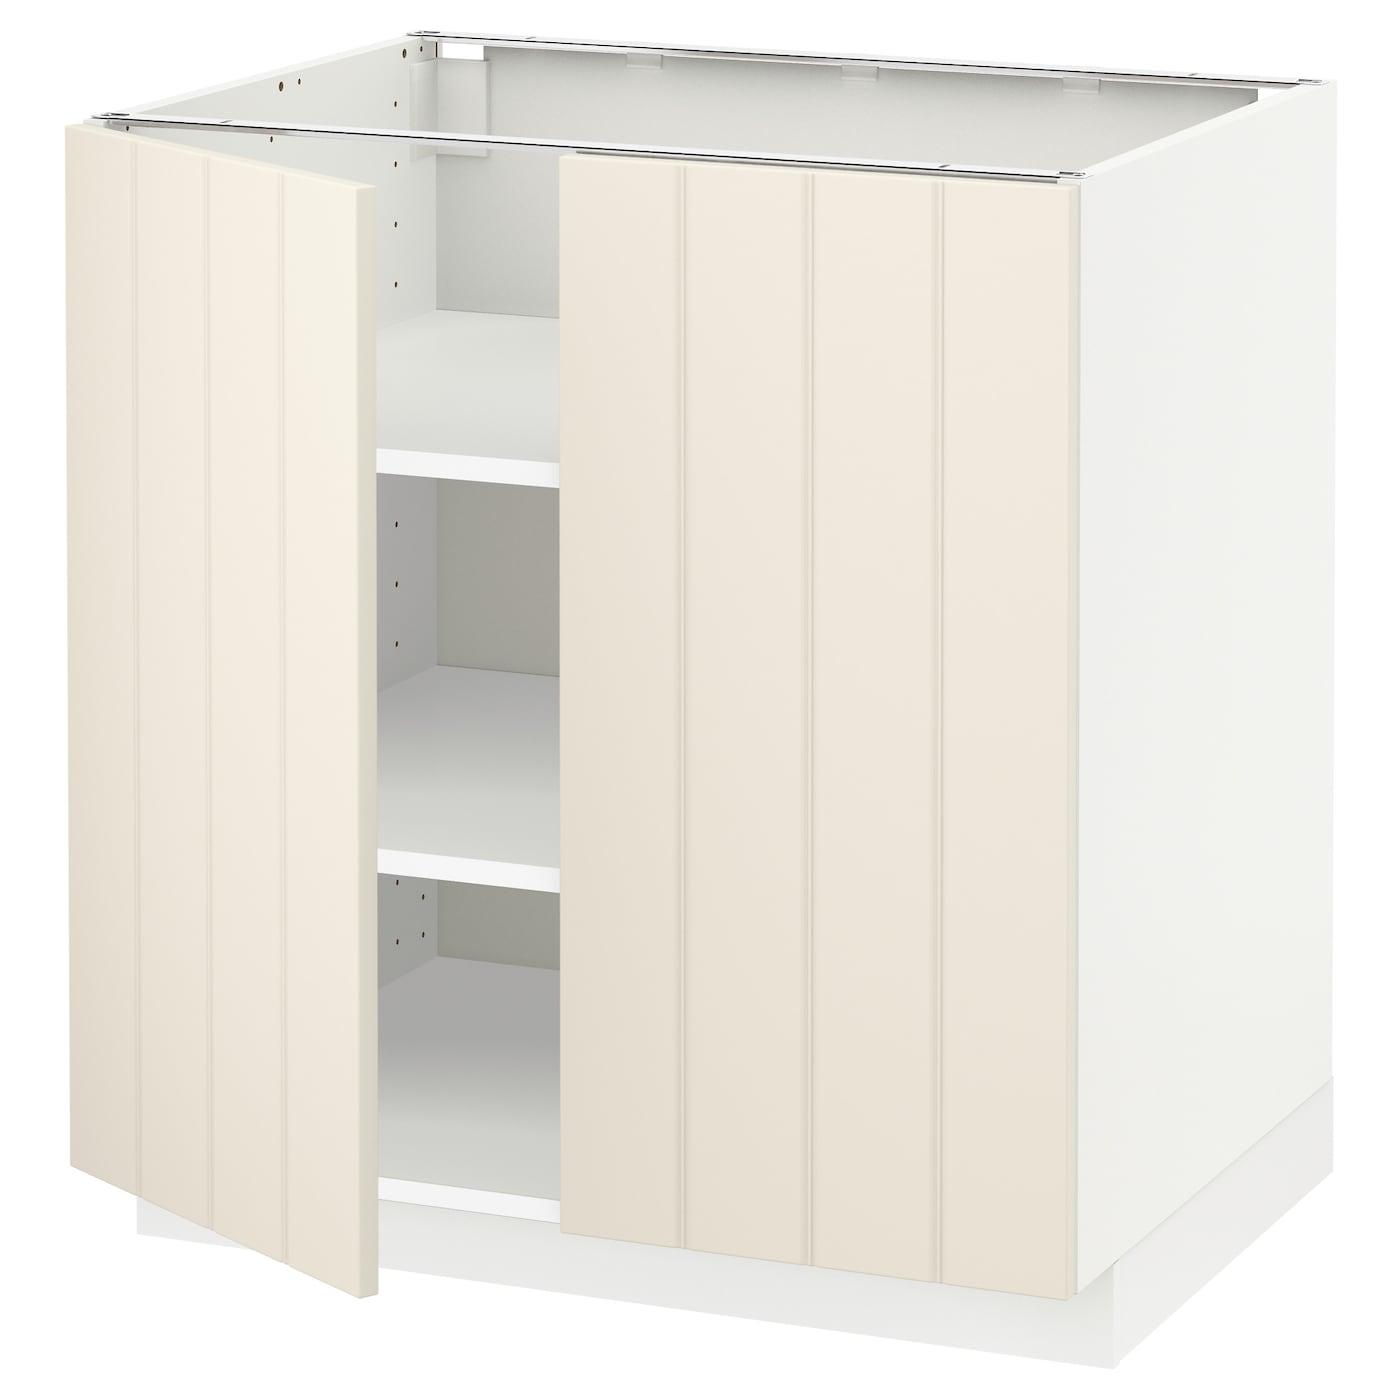 Metod armario bajo cocina puertas baldas blanco hittarp - Ikea baldas cocina ...